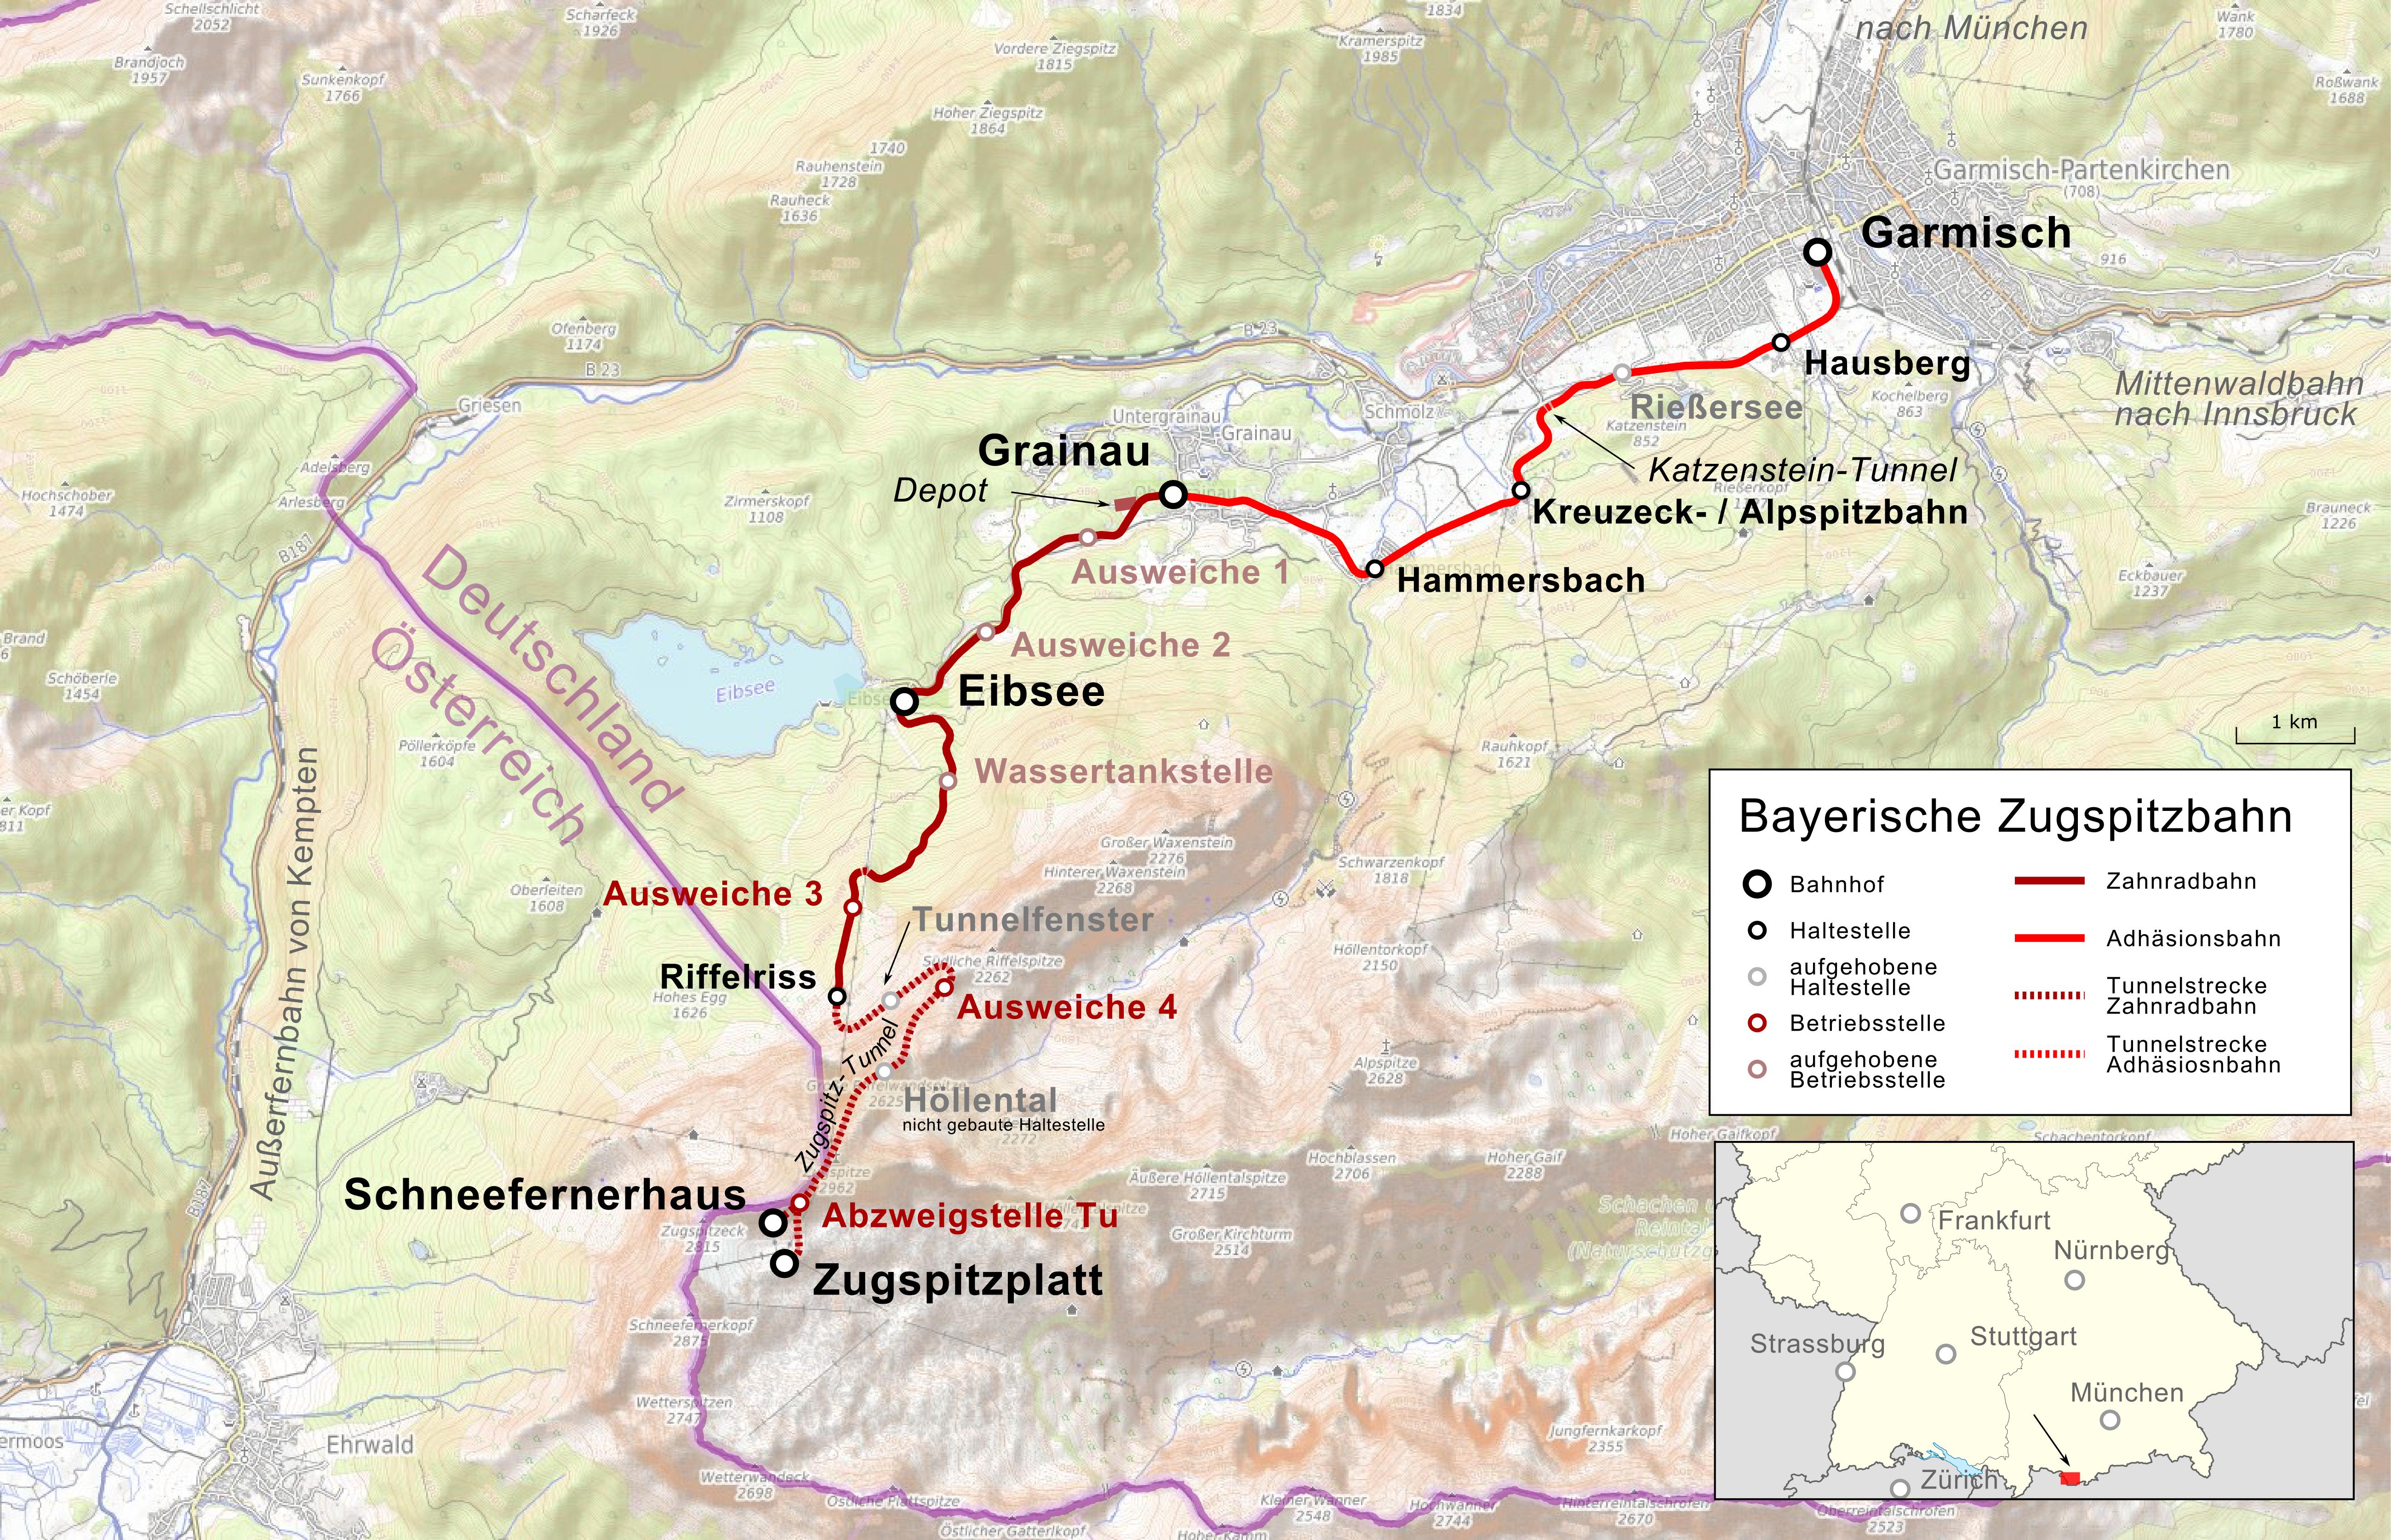 zugspitze karte deutschland Bayerische Zugspitzbahn – Wikipedia